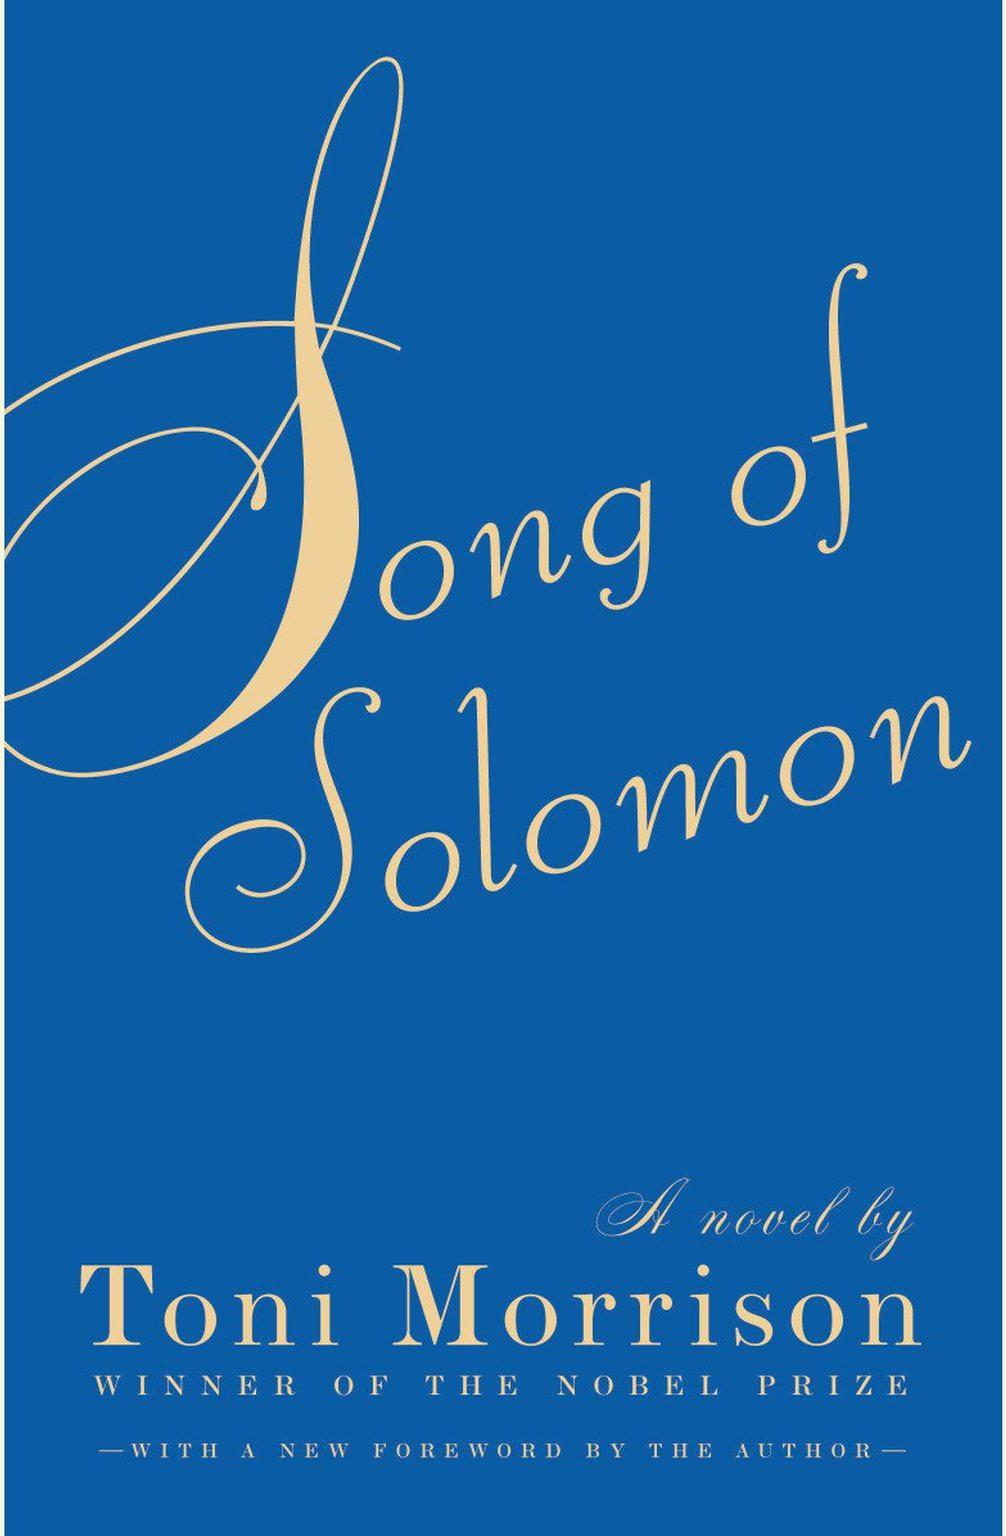 Toni Morrison books 3